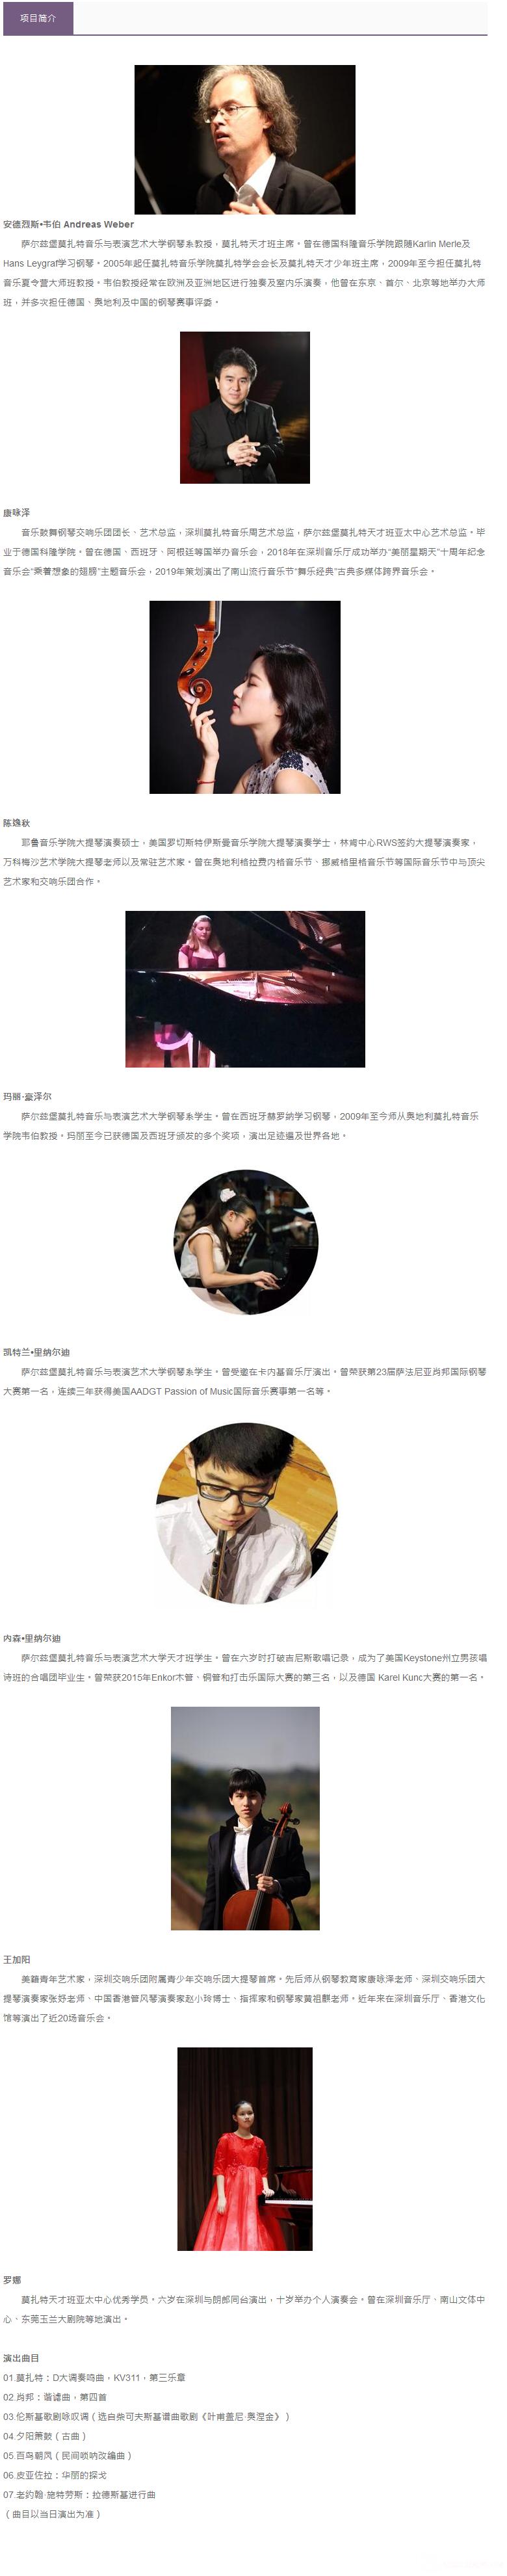 火狐截图_2019-11-11T08-13-11.142Z.png